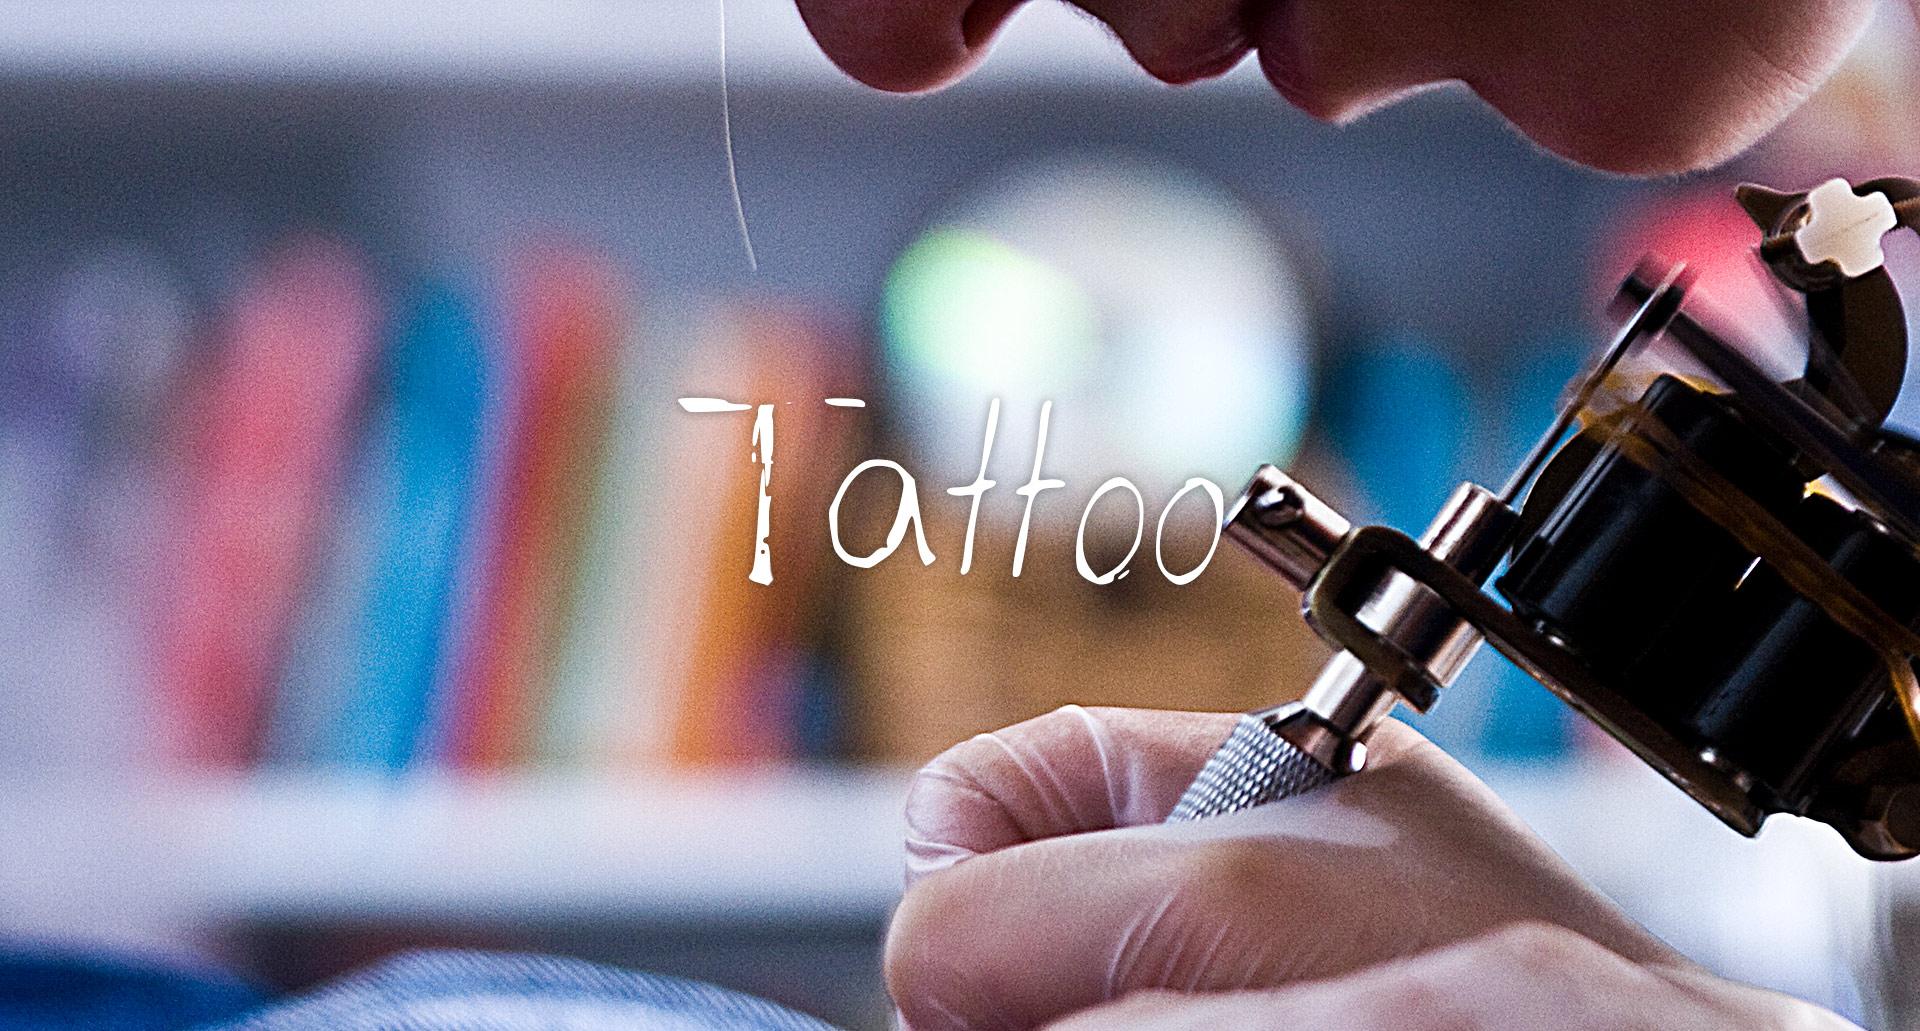 tattoosplash1-1-1